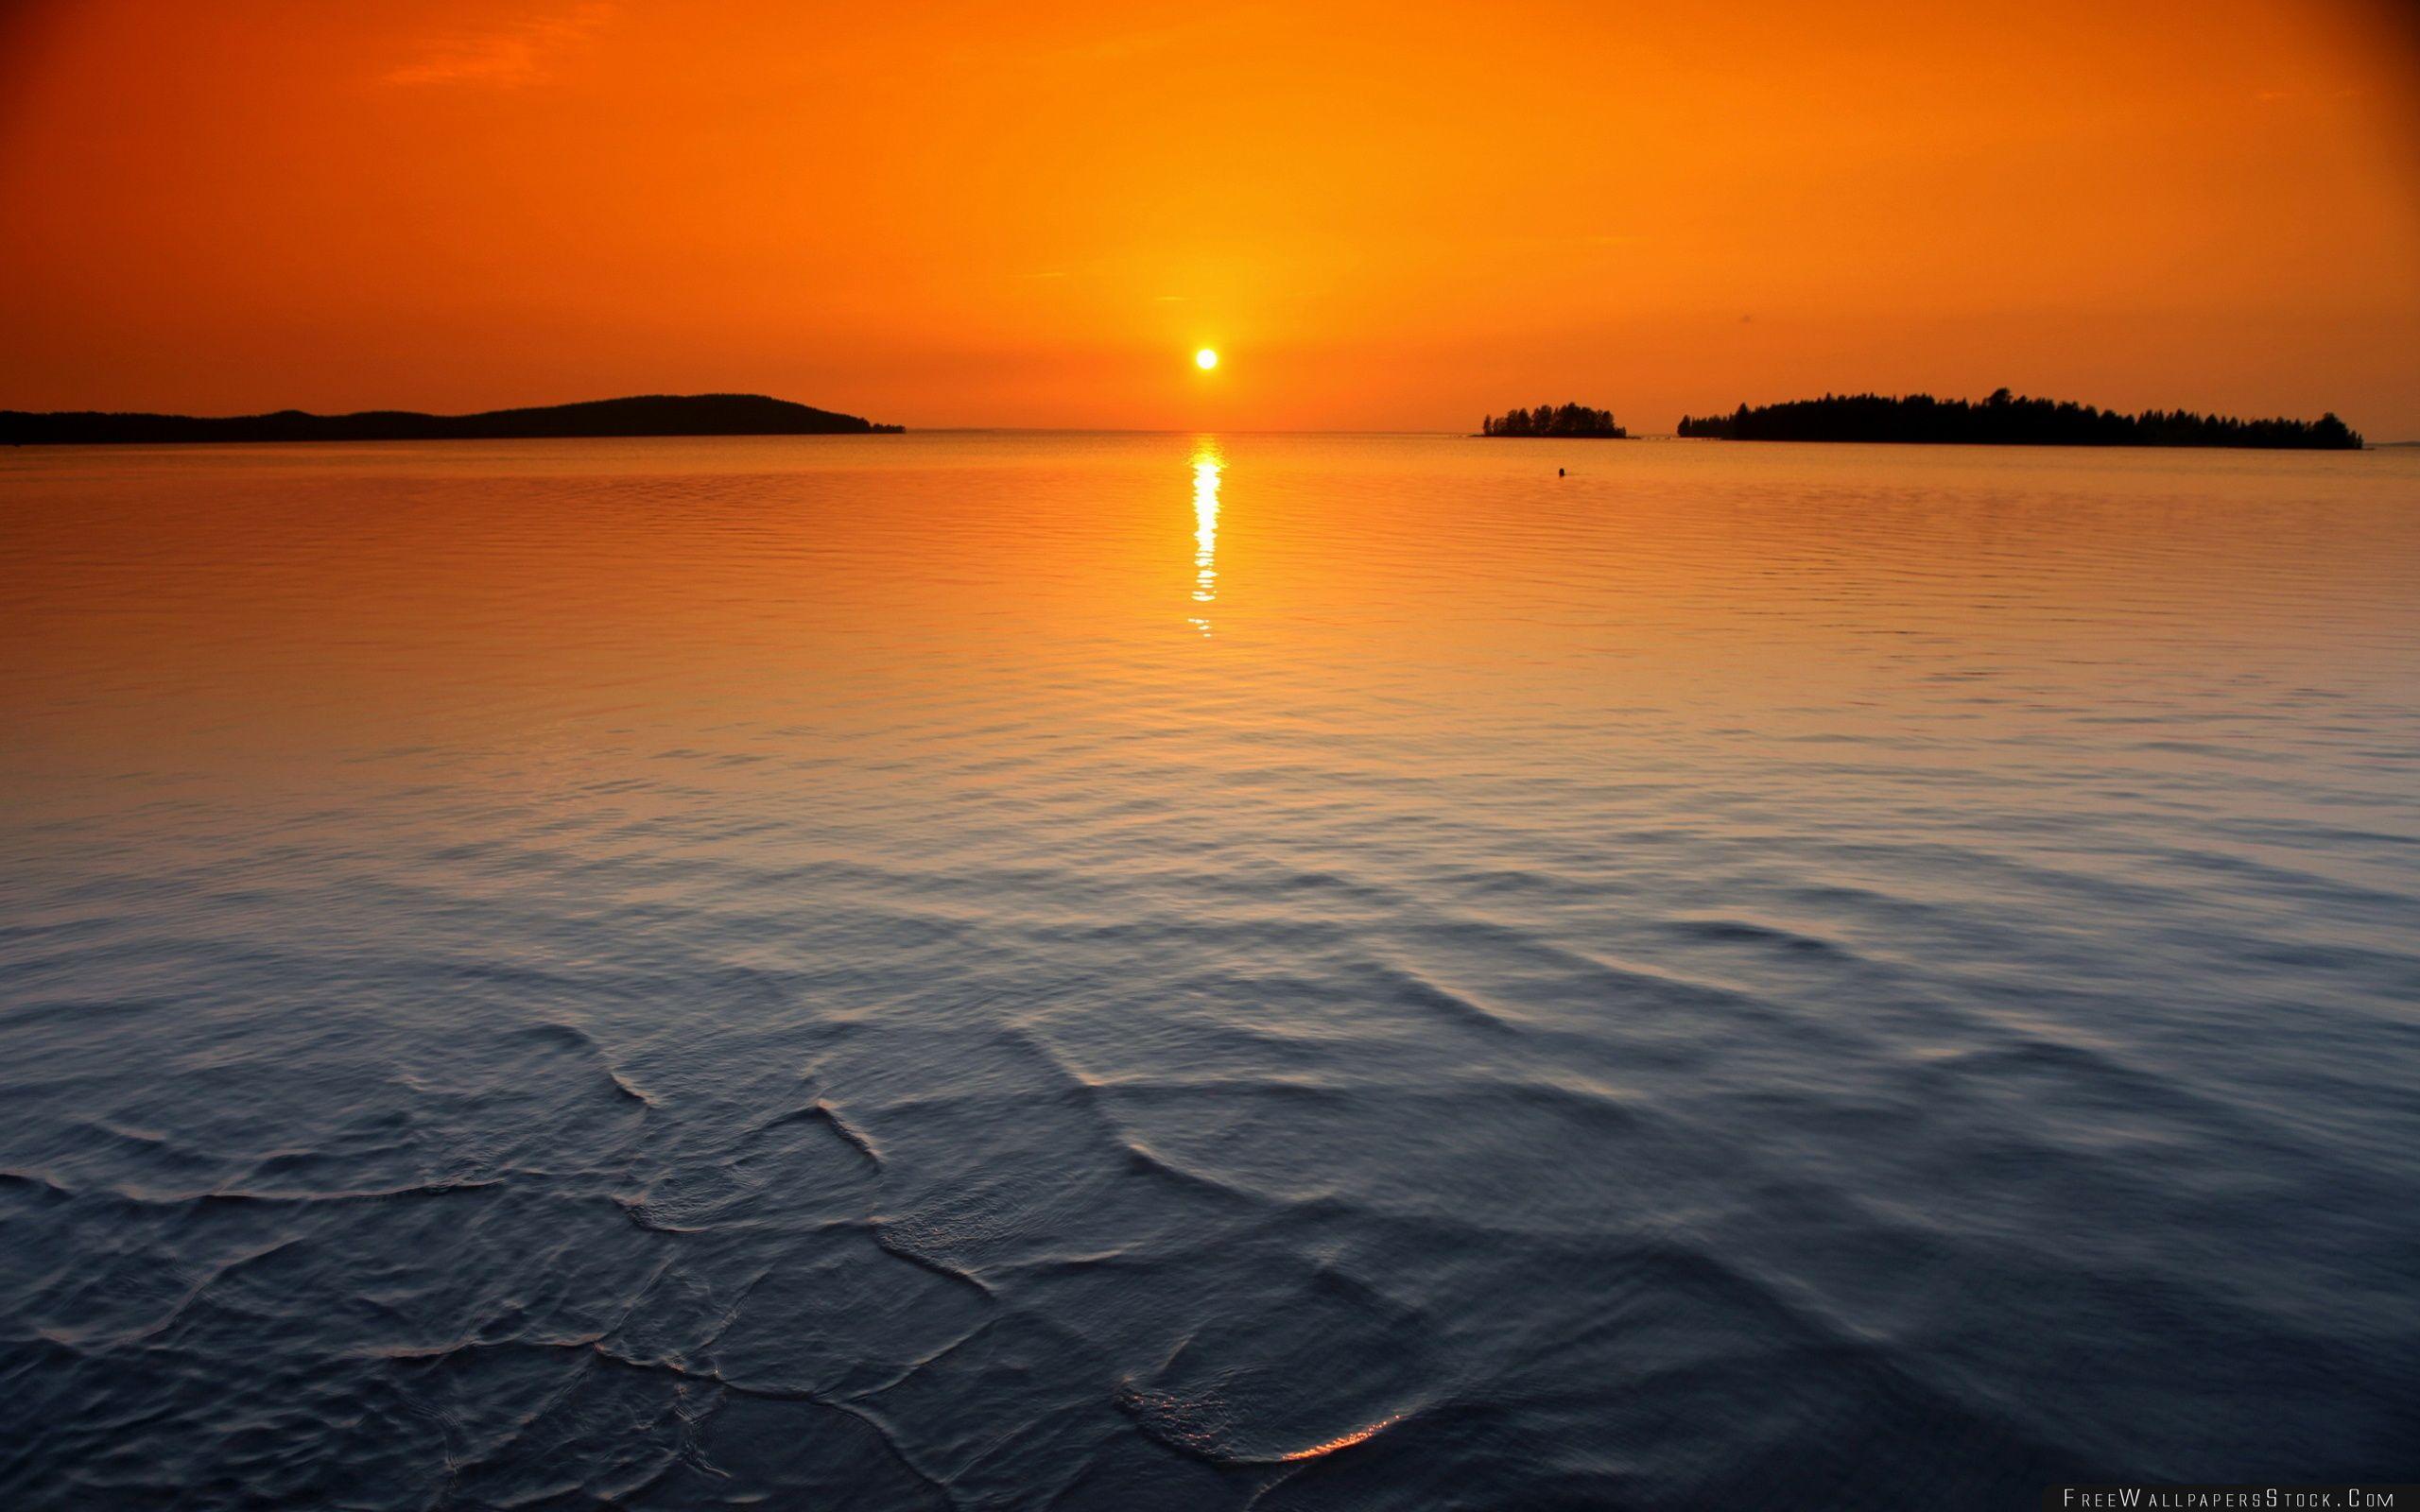 Download Free Wallpaper Orange Horizon Sunset